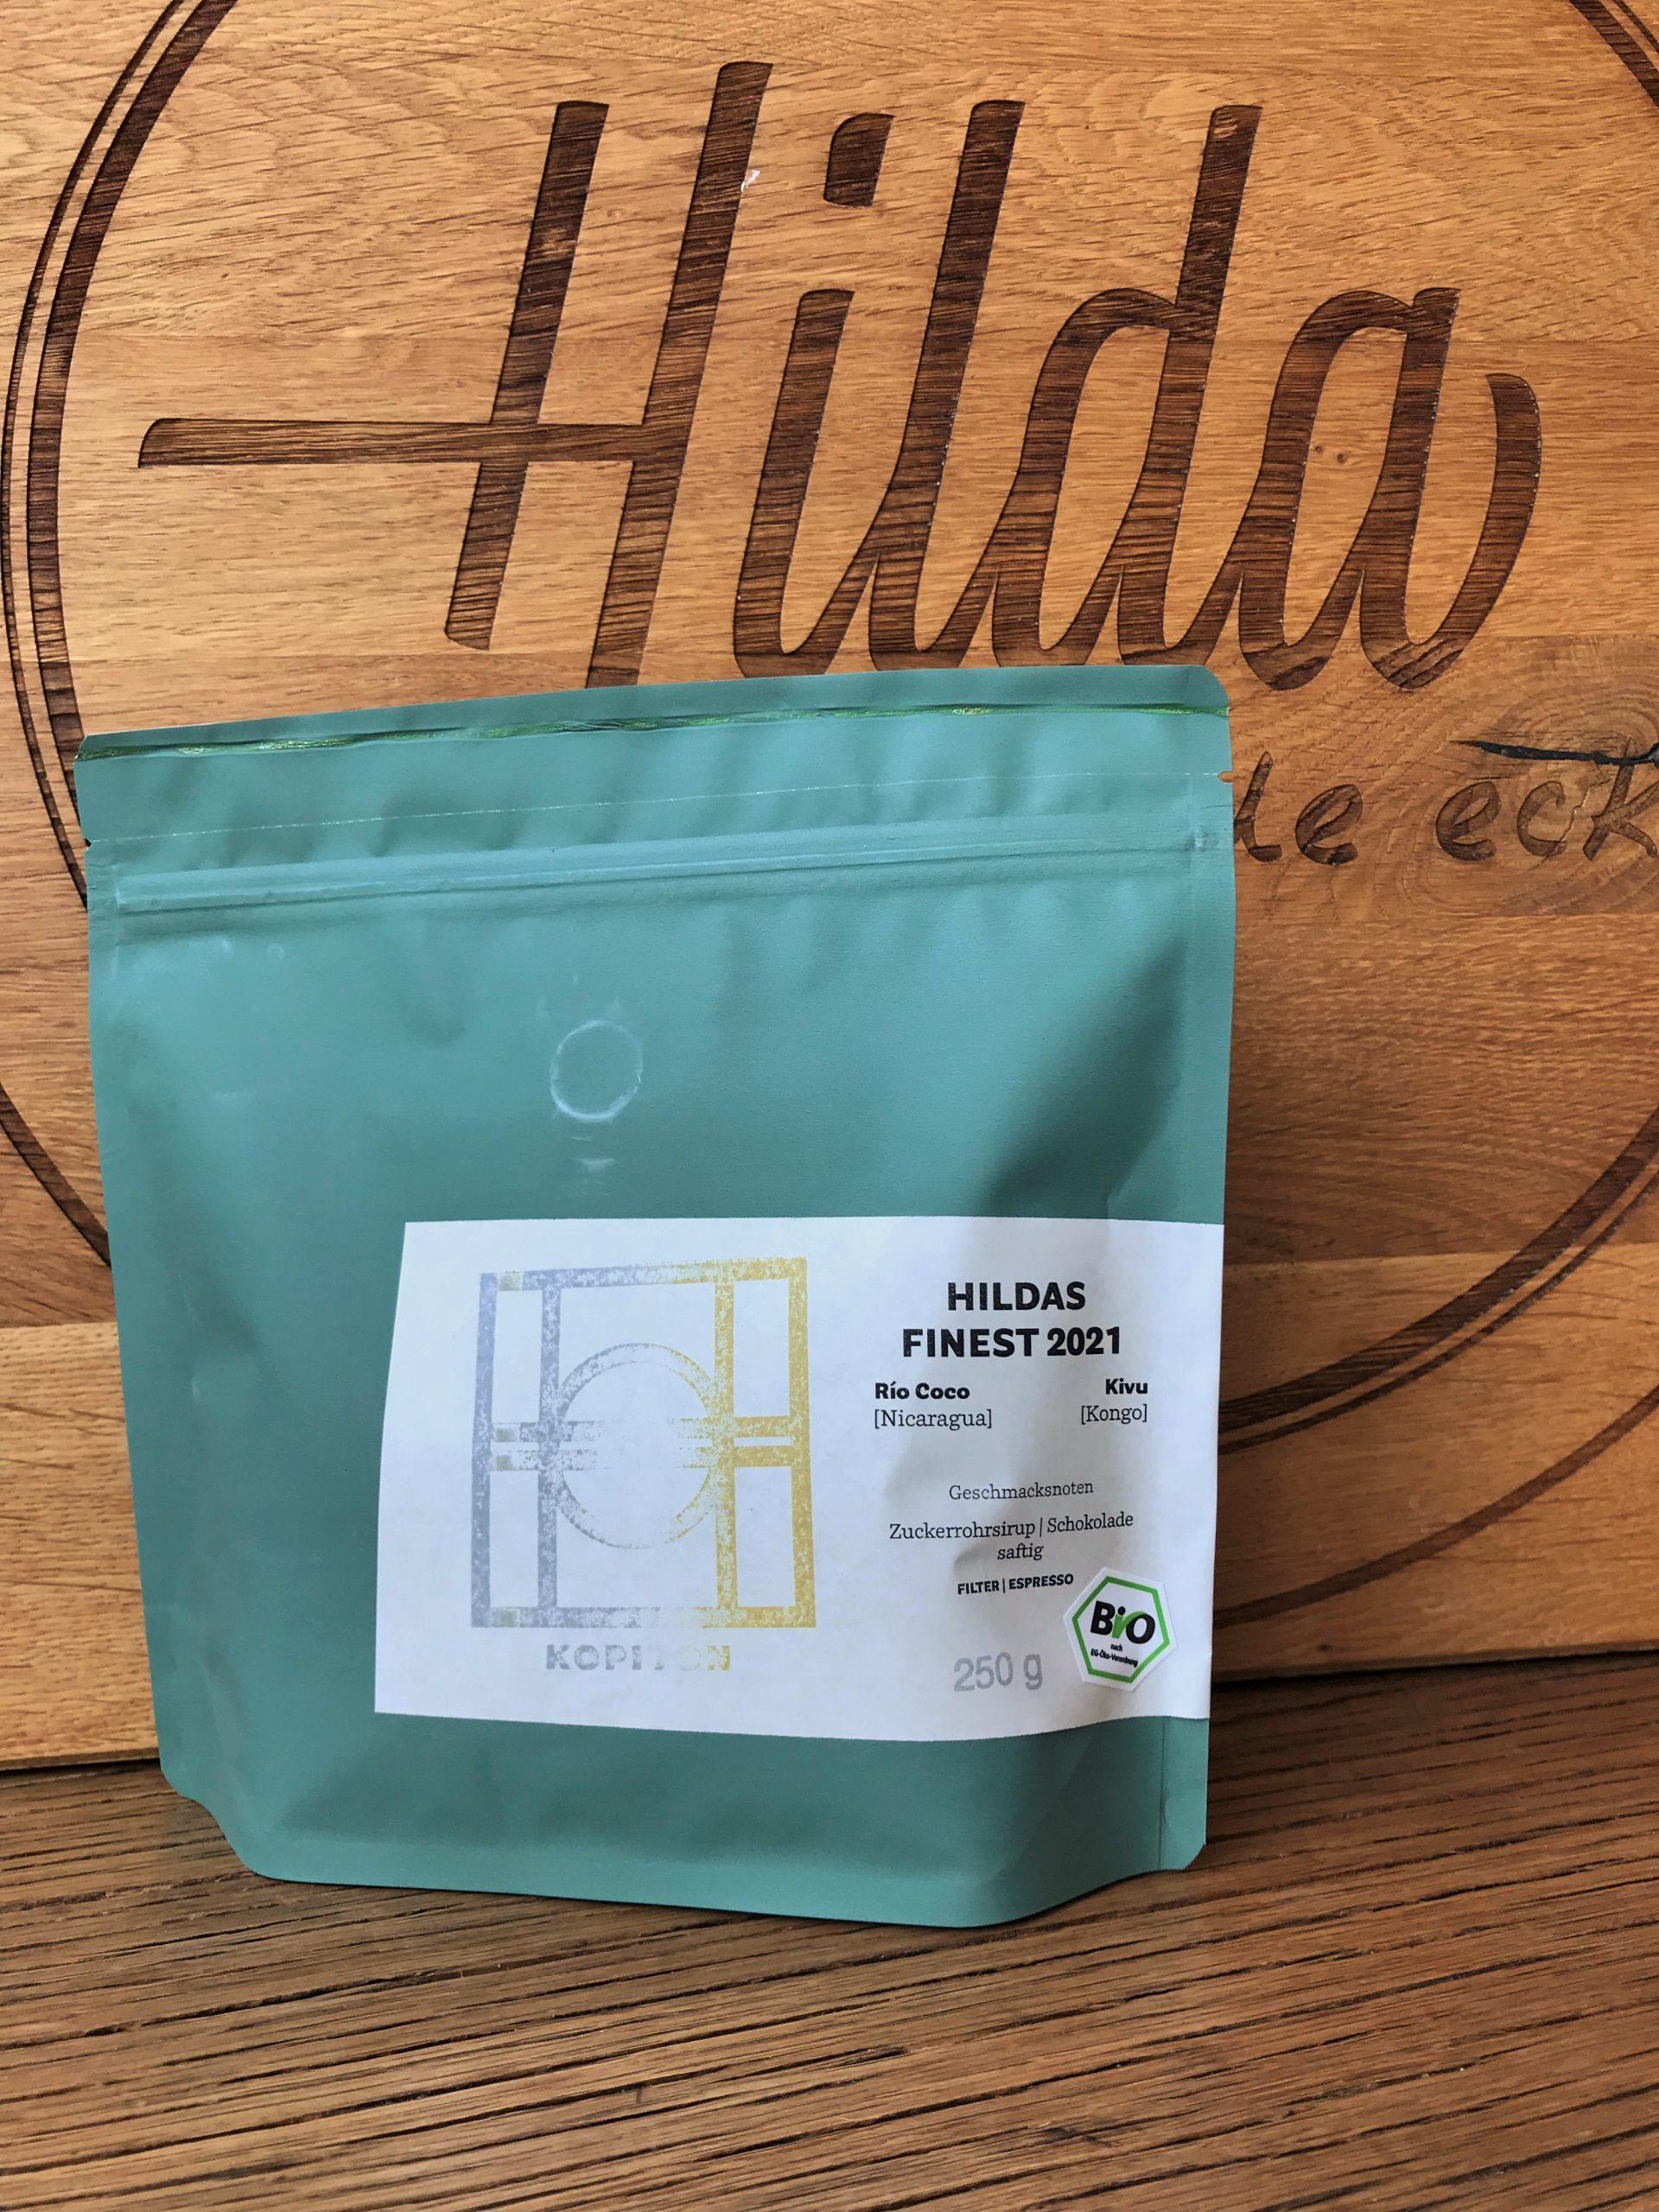 Kaffeerösterei Kopiton IMG_20211001_104638_017-1-scaled